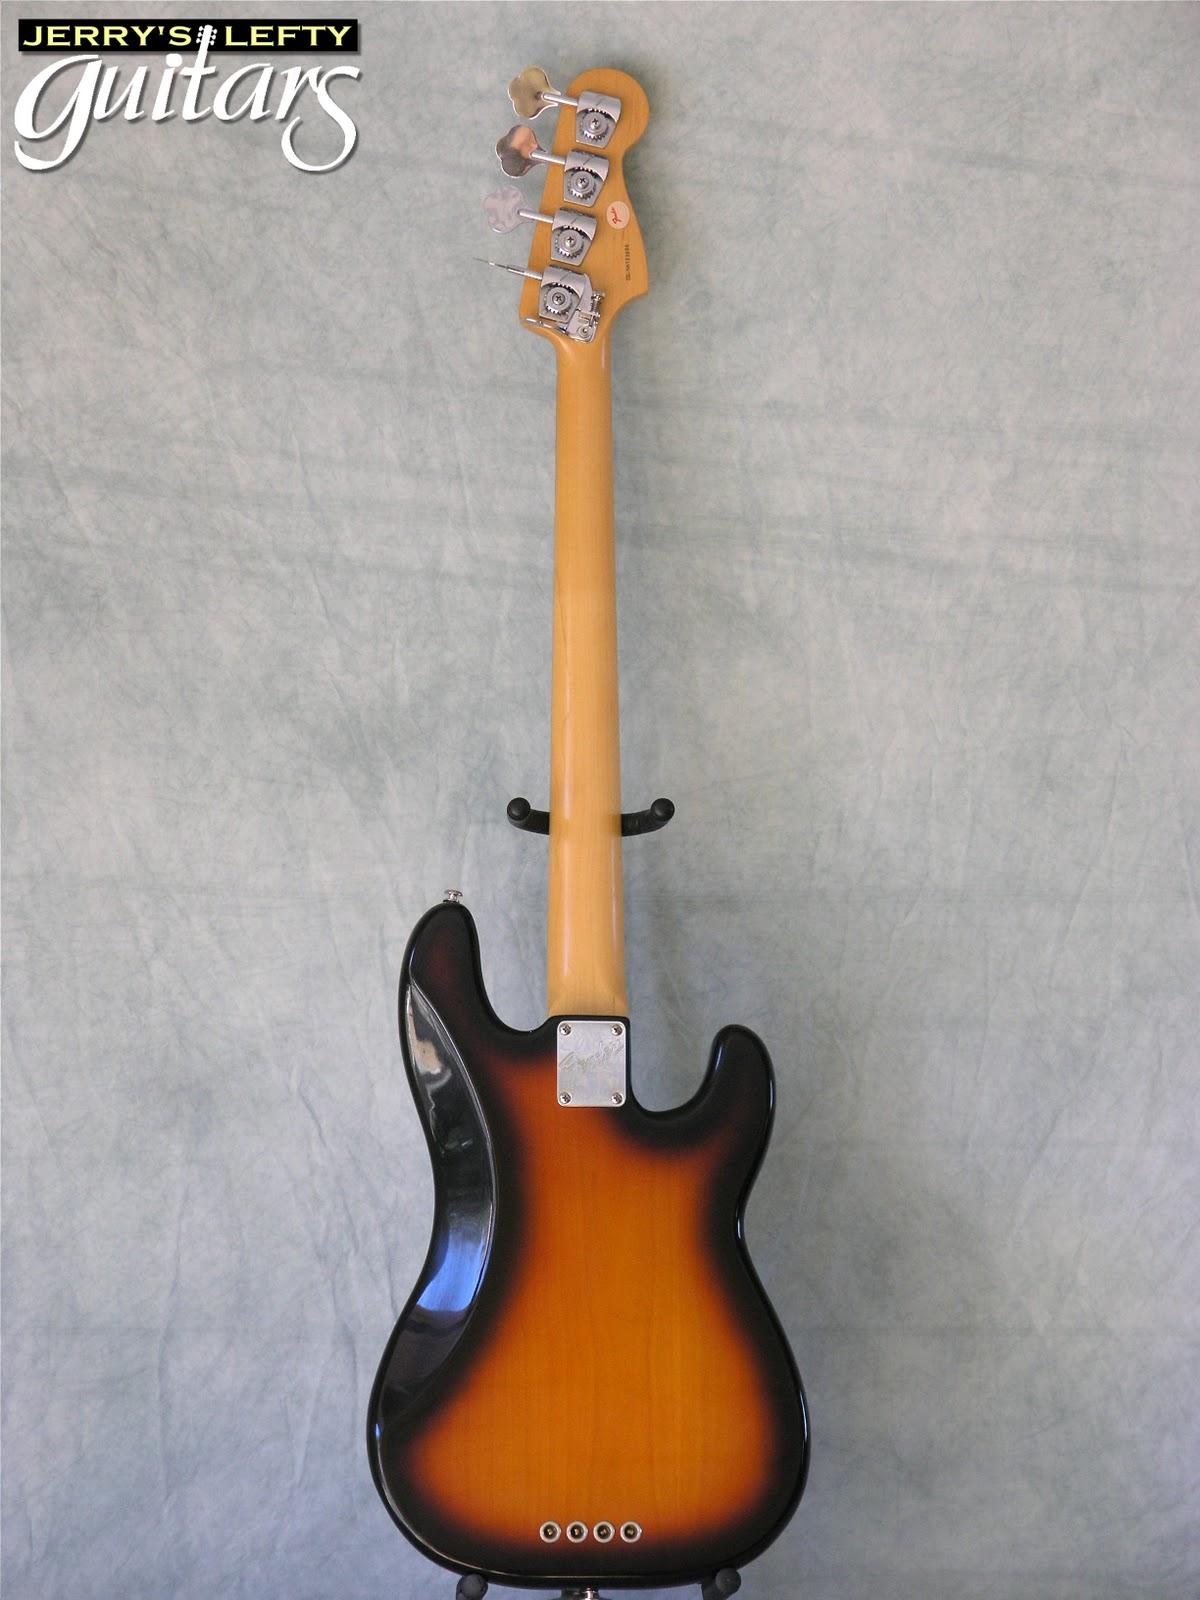 http://1.bp.blogspot.com/_5hzaEBBP7BQ/TURneFM56yI/AAAAAAAACBA/PsnTiBSfWi4/s1600/fender-precision-bass-1991-b.jpg